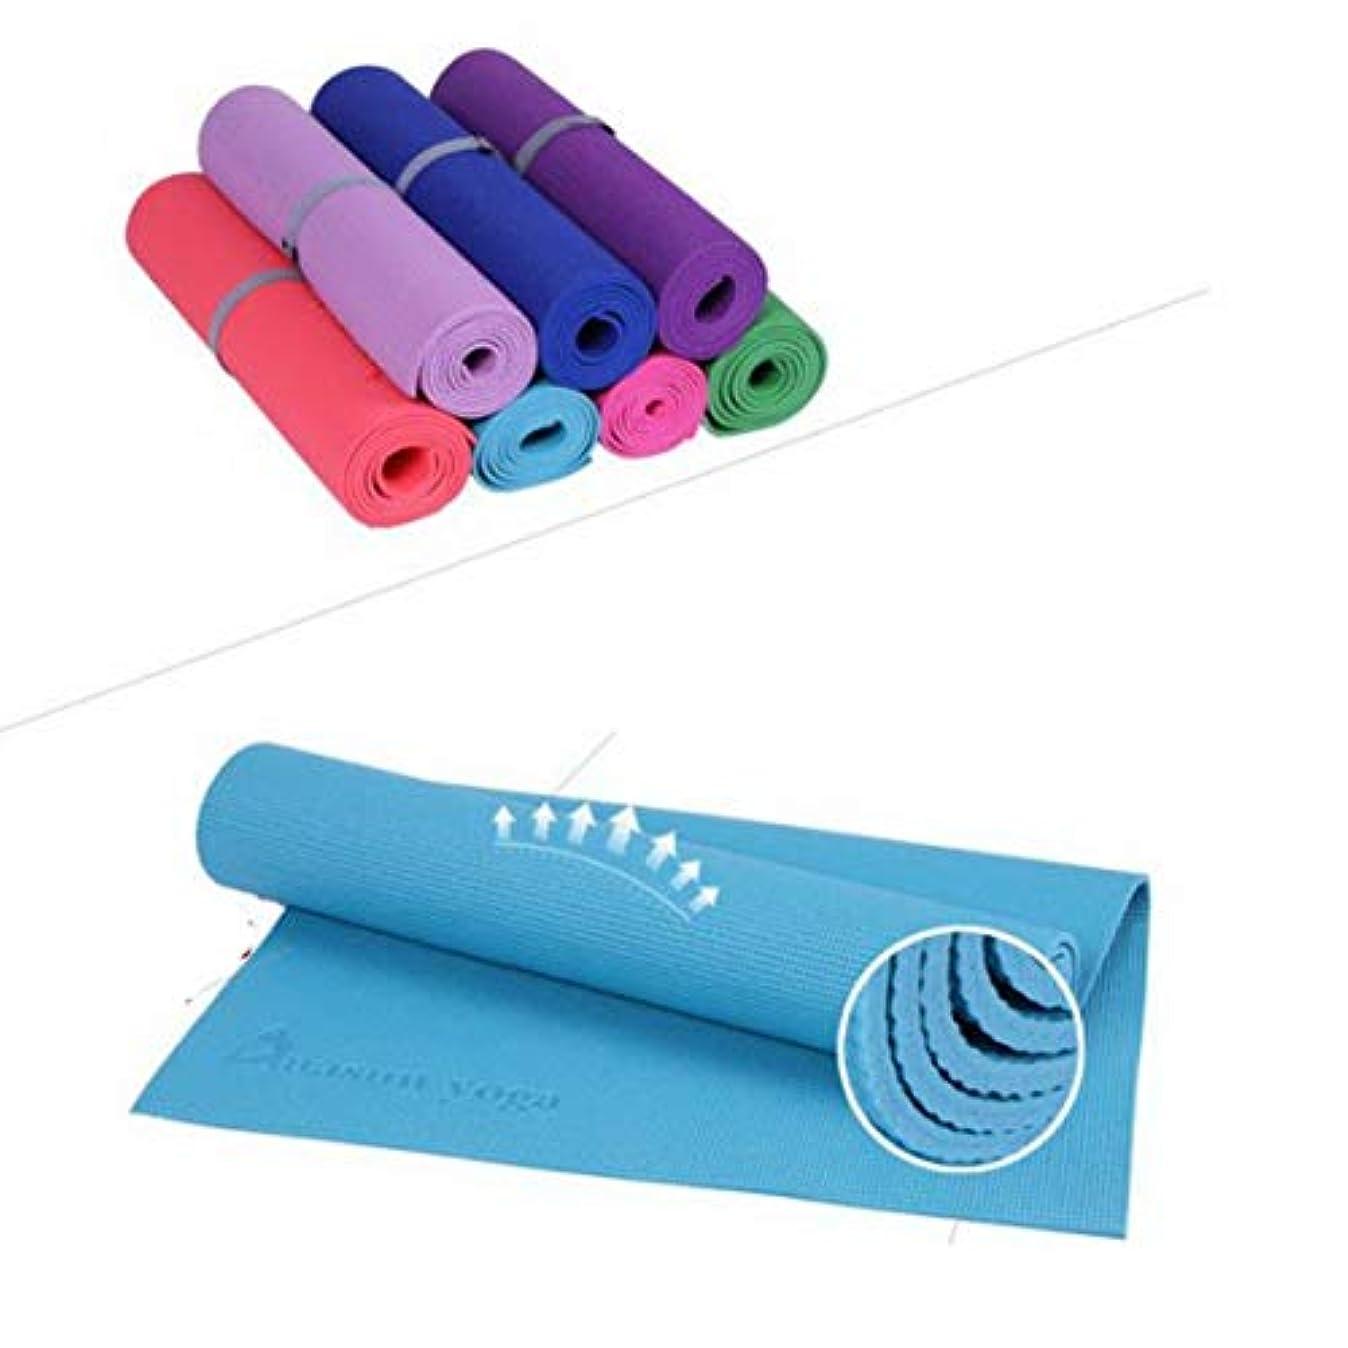 垂直ゲーム意欲PVCヨガマットフローラルプリントヨガマット滑り止め通気性グッドグリップパッドエクササイズフィットネスパッド厚さ6mm